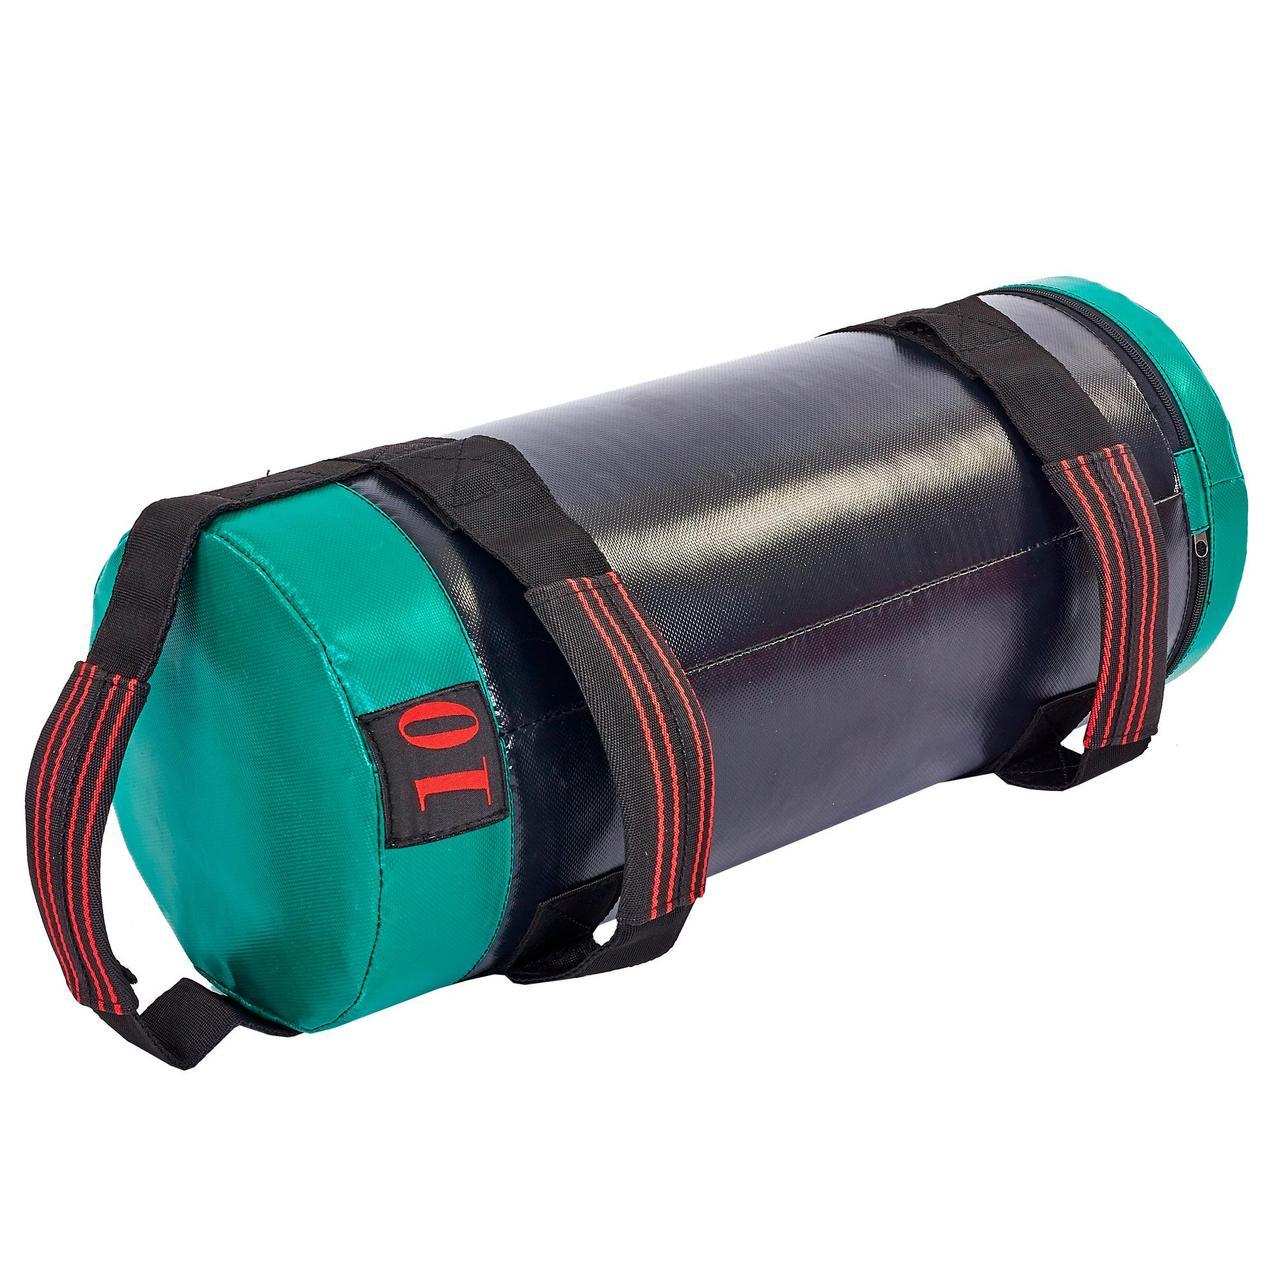 Мешок для кроссфита и фитнеса UR FI-6574-10 (PVC, нейлон, вес 10кг, р-р 56x22см, черный-зеленый)